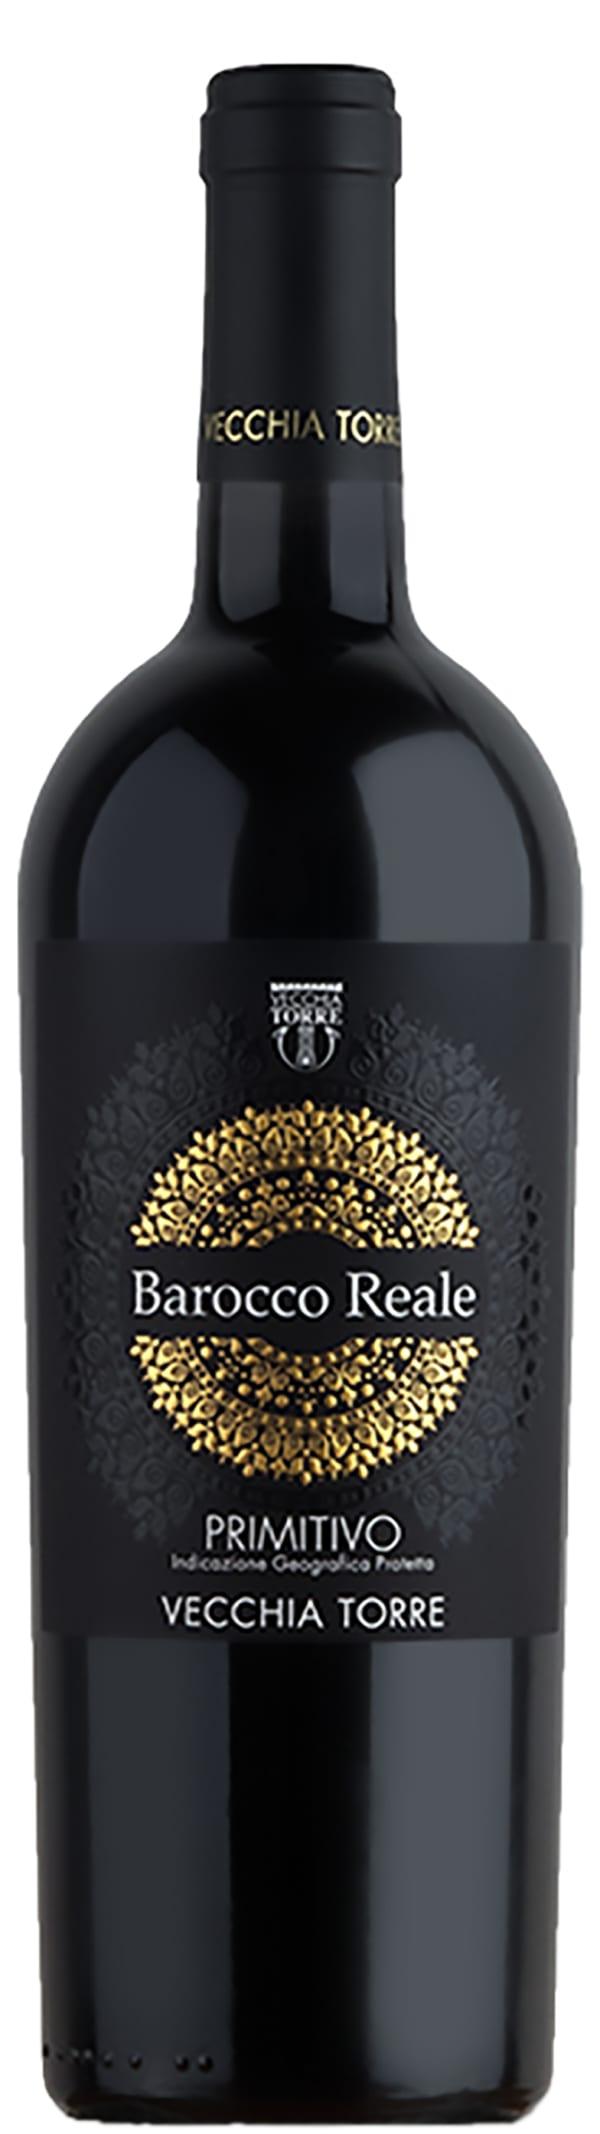 Barocco Reale Primitivo 2012